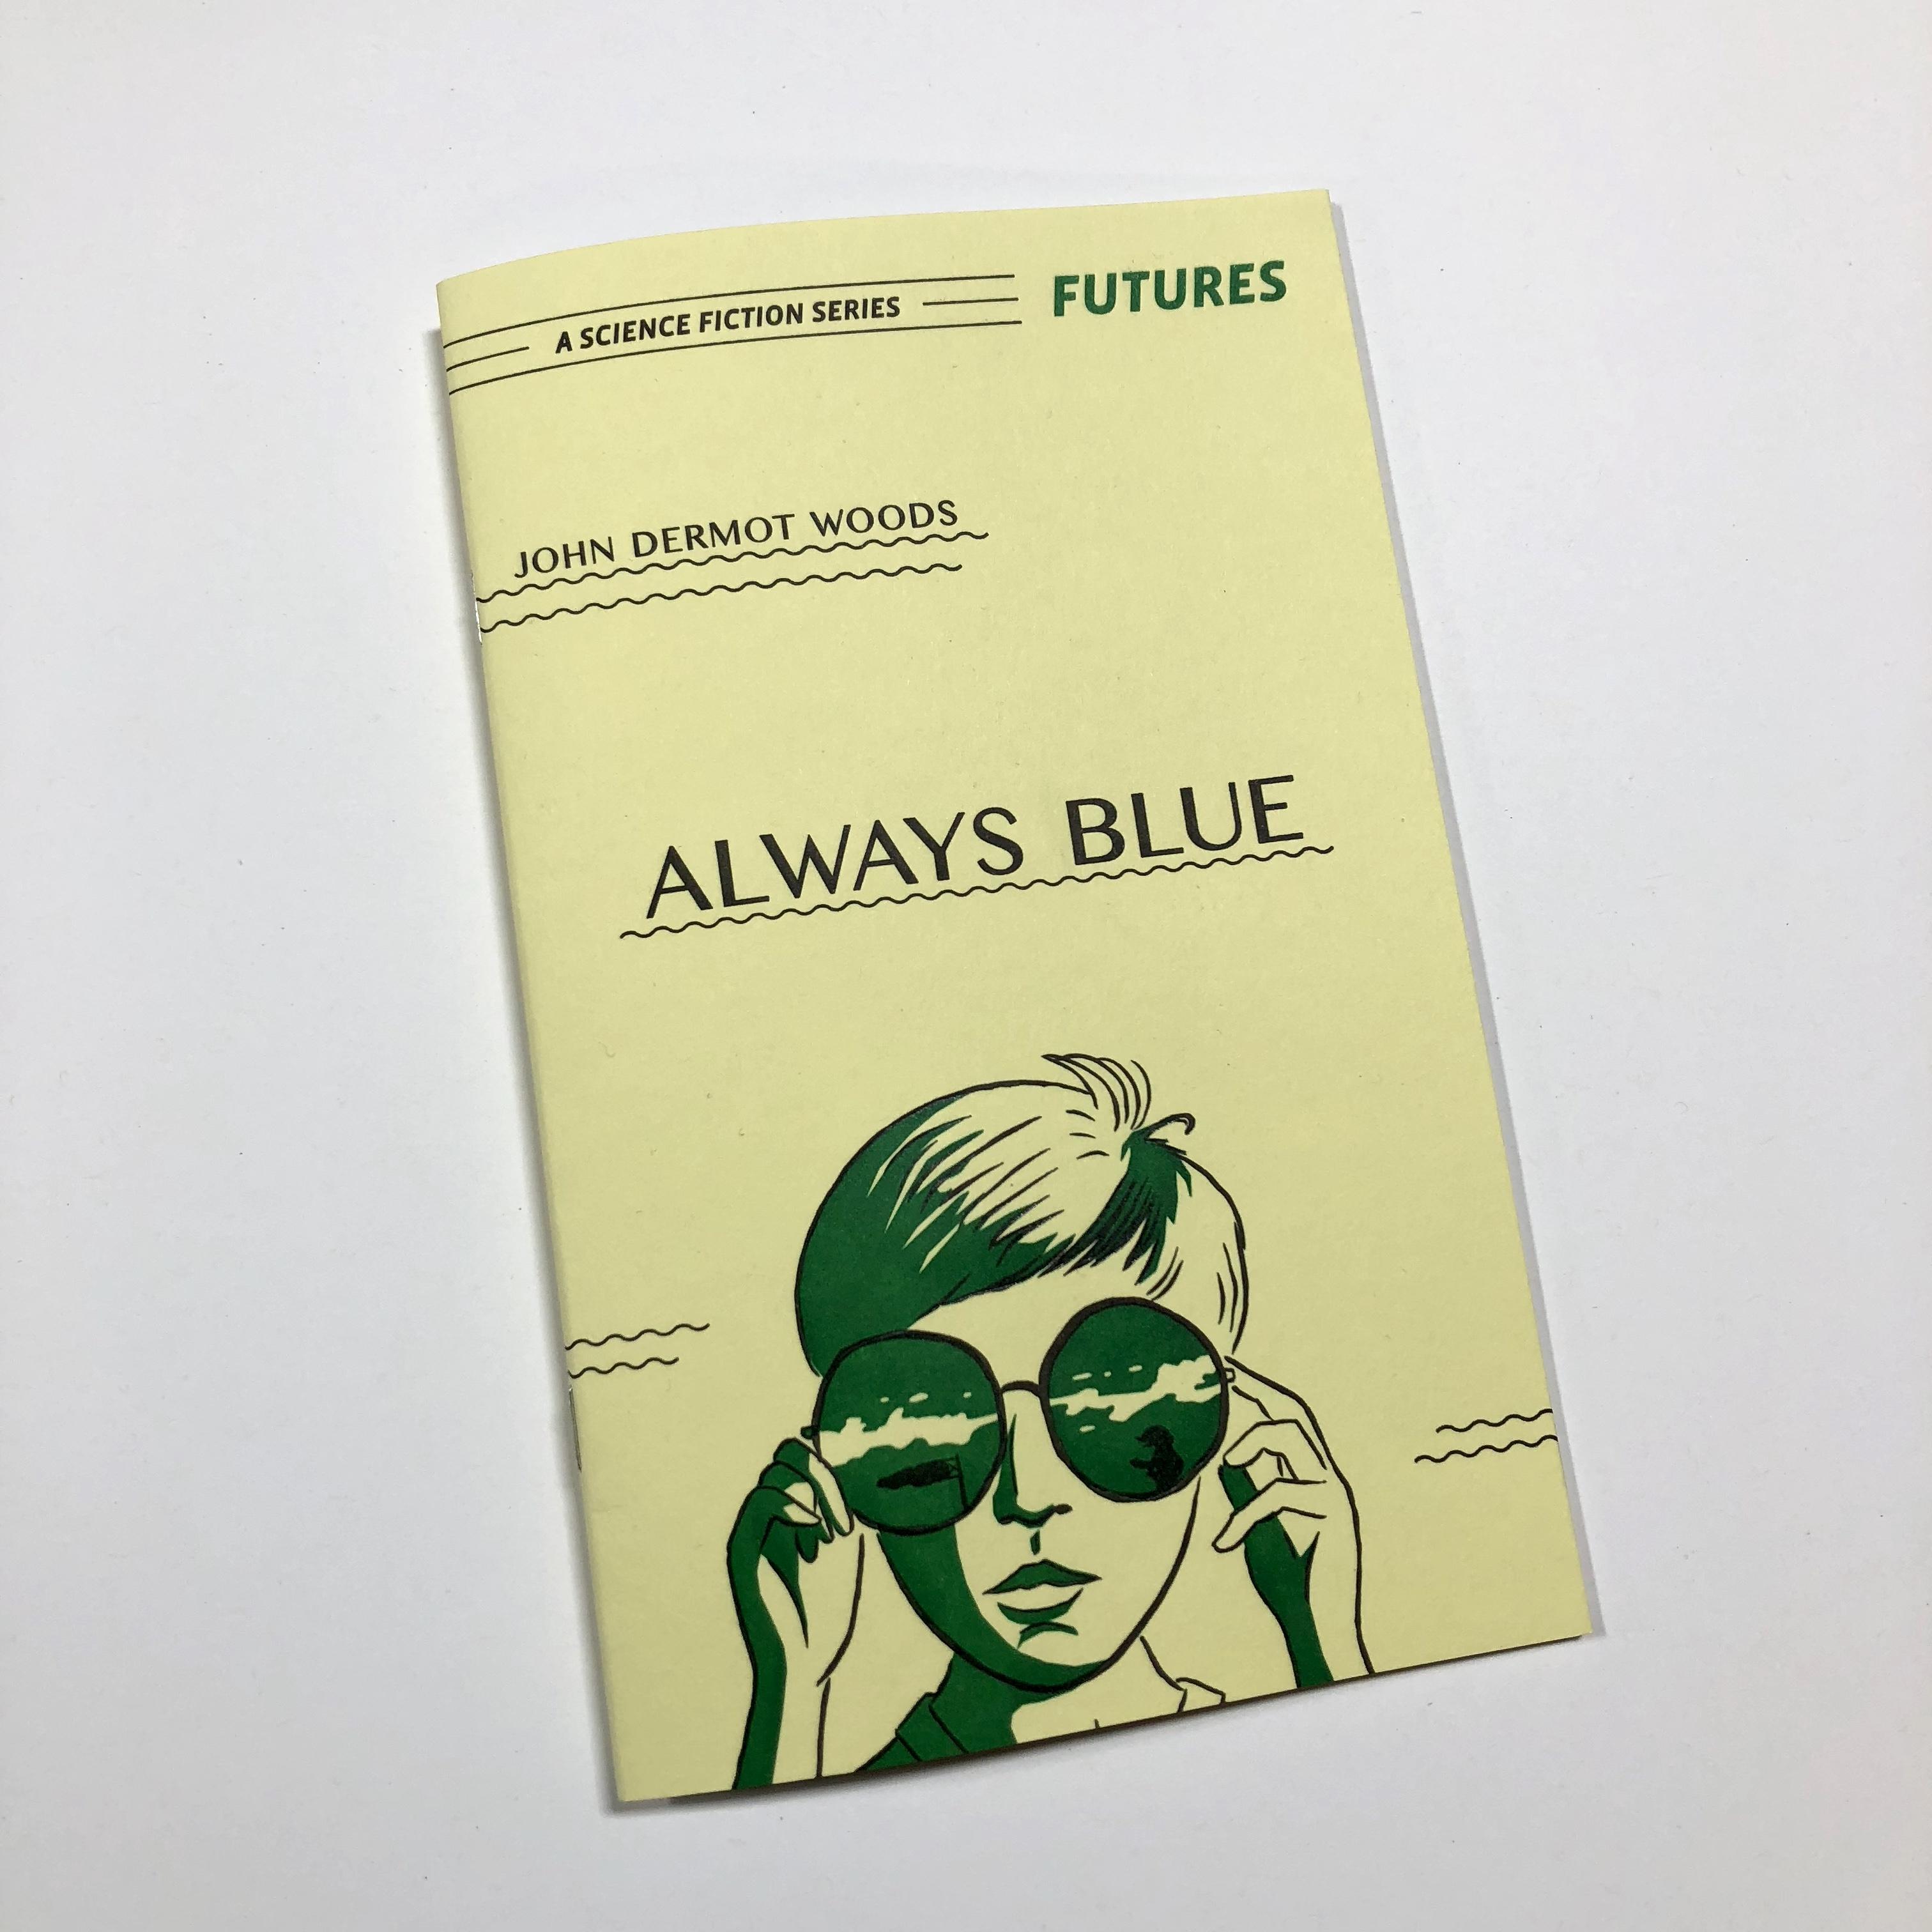 ALWAYS BLUE by John Dermot Woods